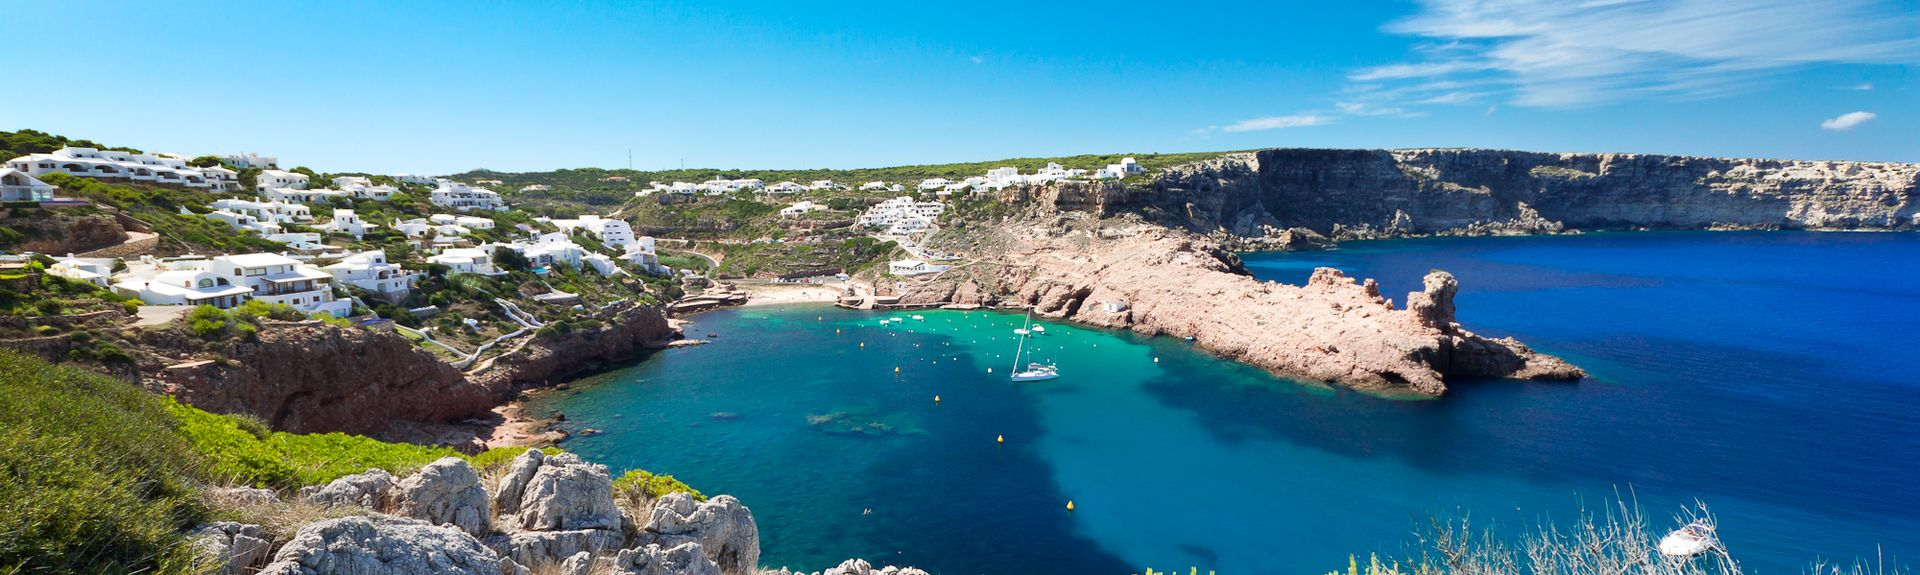 Son Carrió, Ciutadella de Menorca, Ilhas Baleares, Espanha